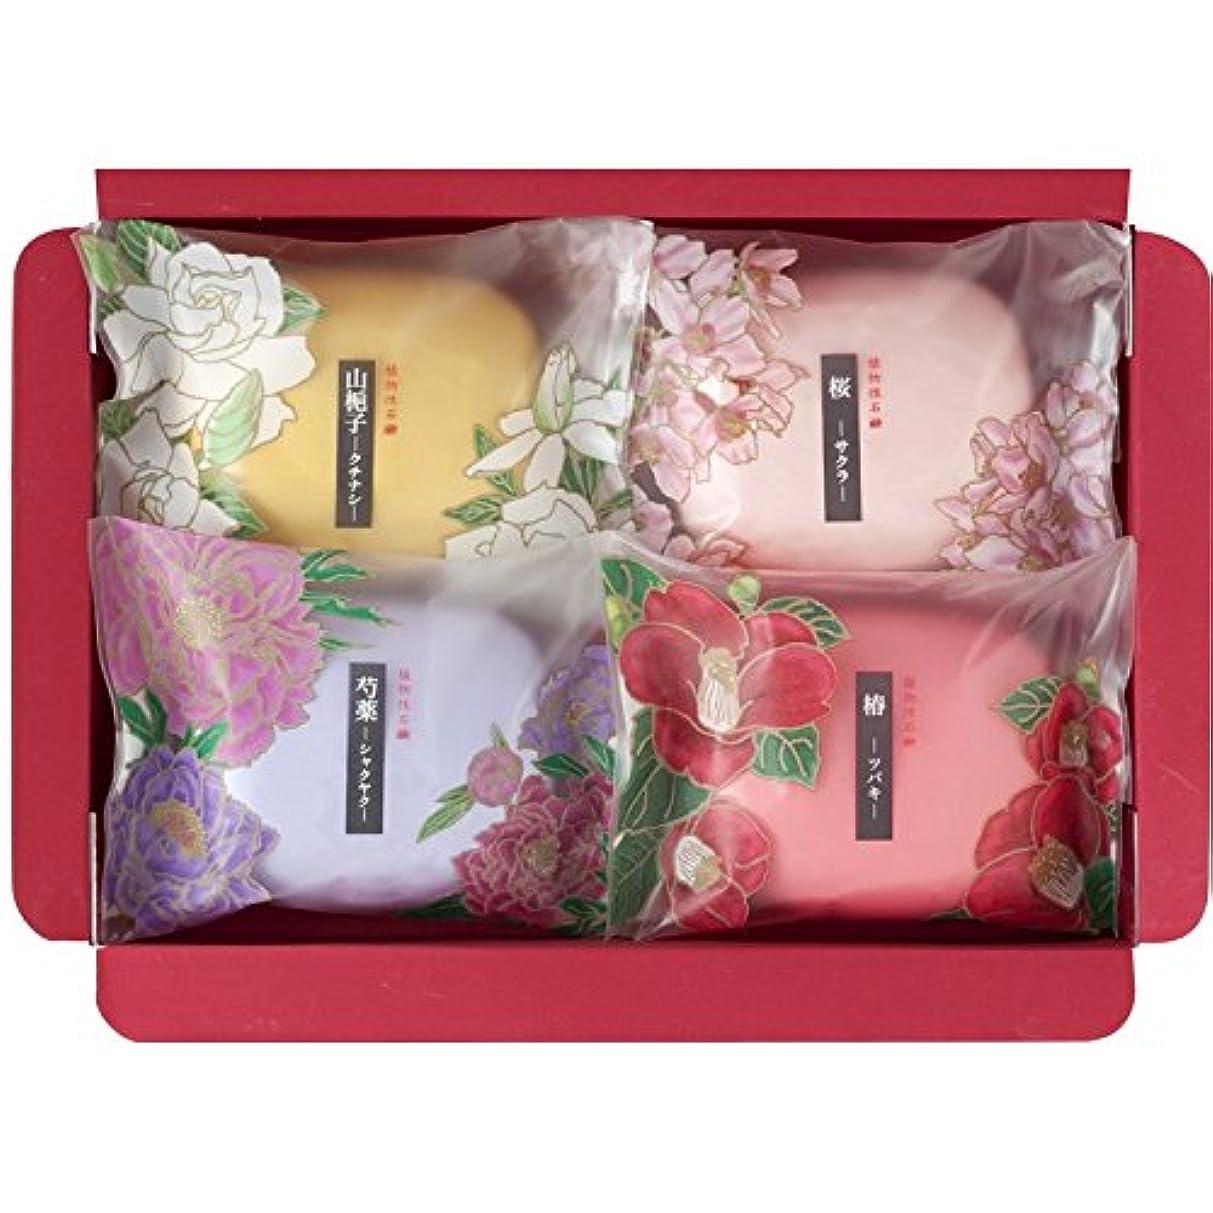 爪折るフィードバック彩花だより SAK-05 【石けん 石鹸 うるおい いい香り 固形 詰め合わせ セット 良い香り 美容 個包装 肌に優しい 日本製】